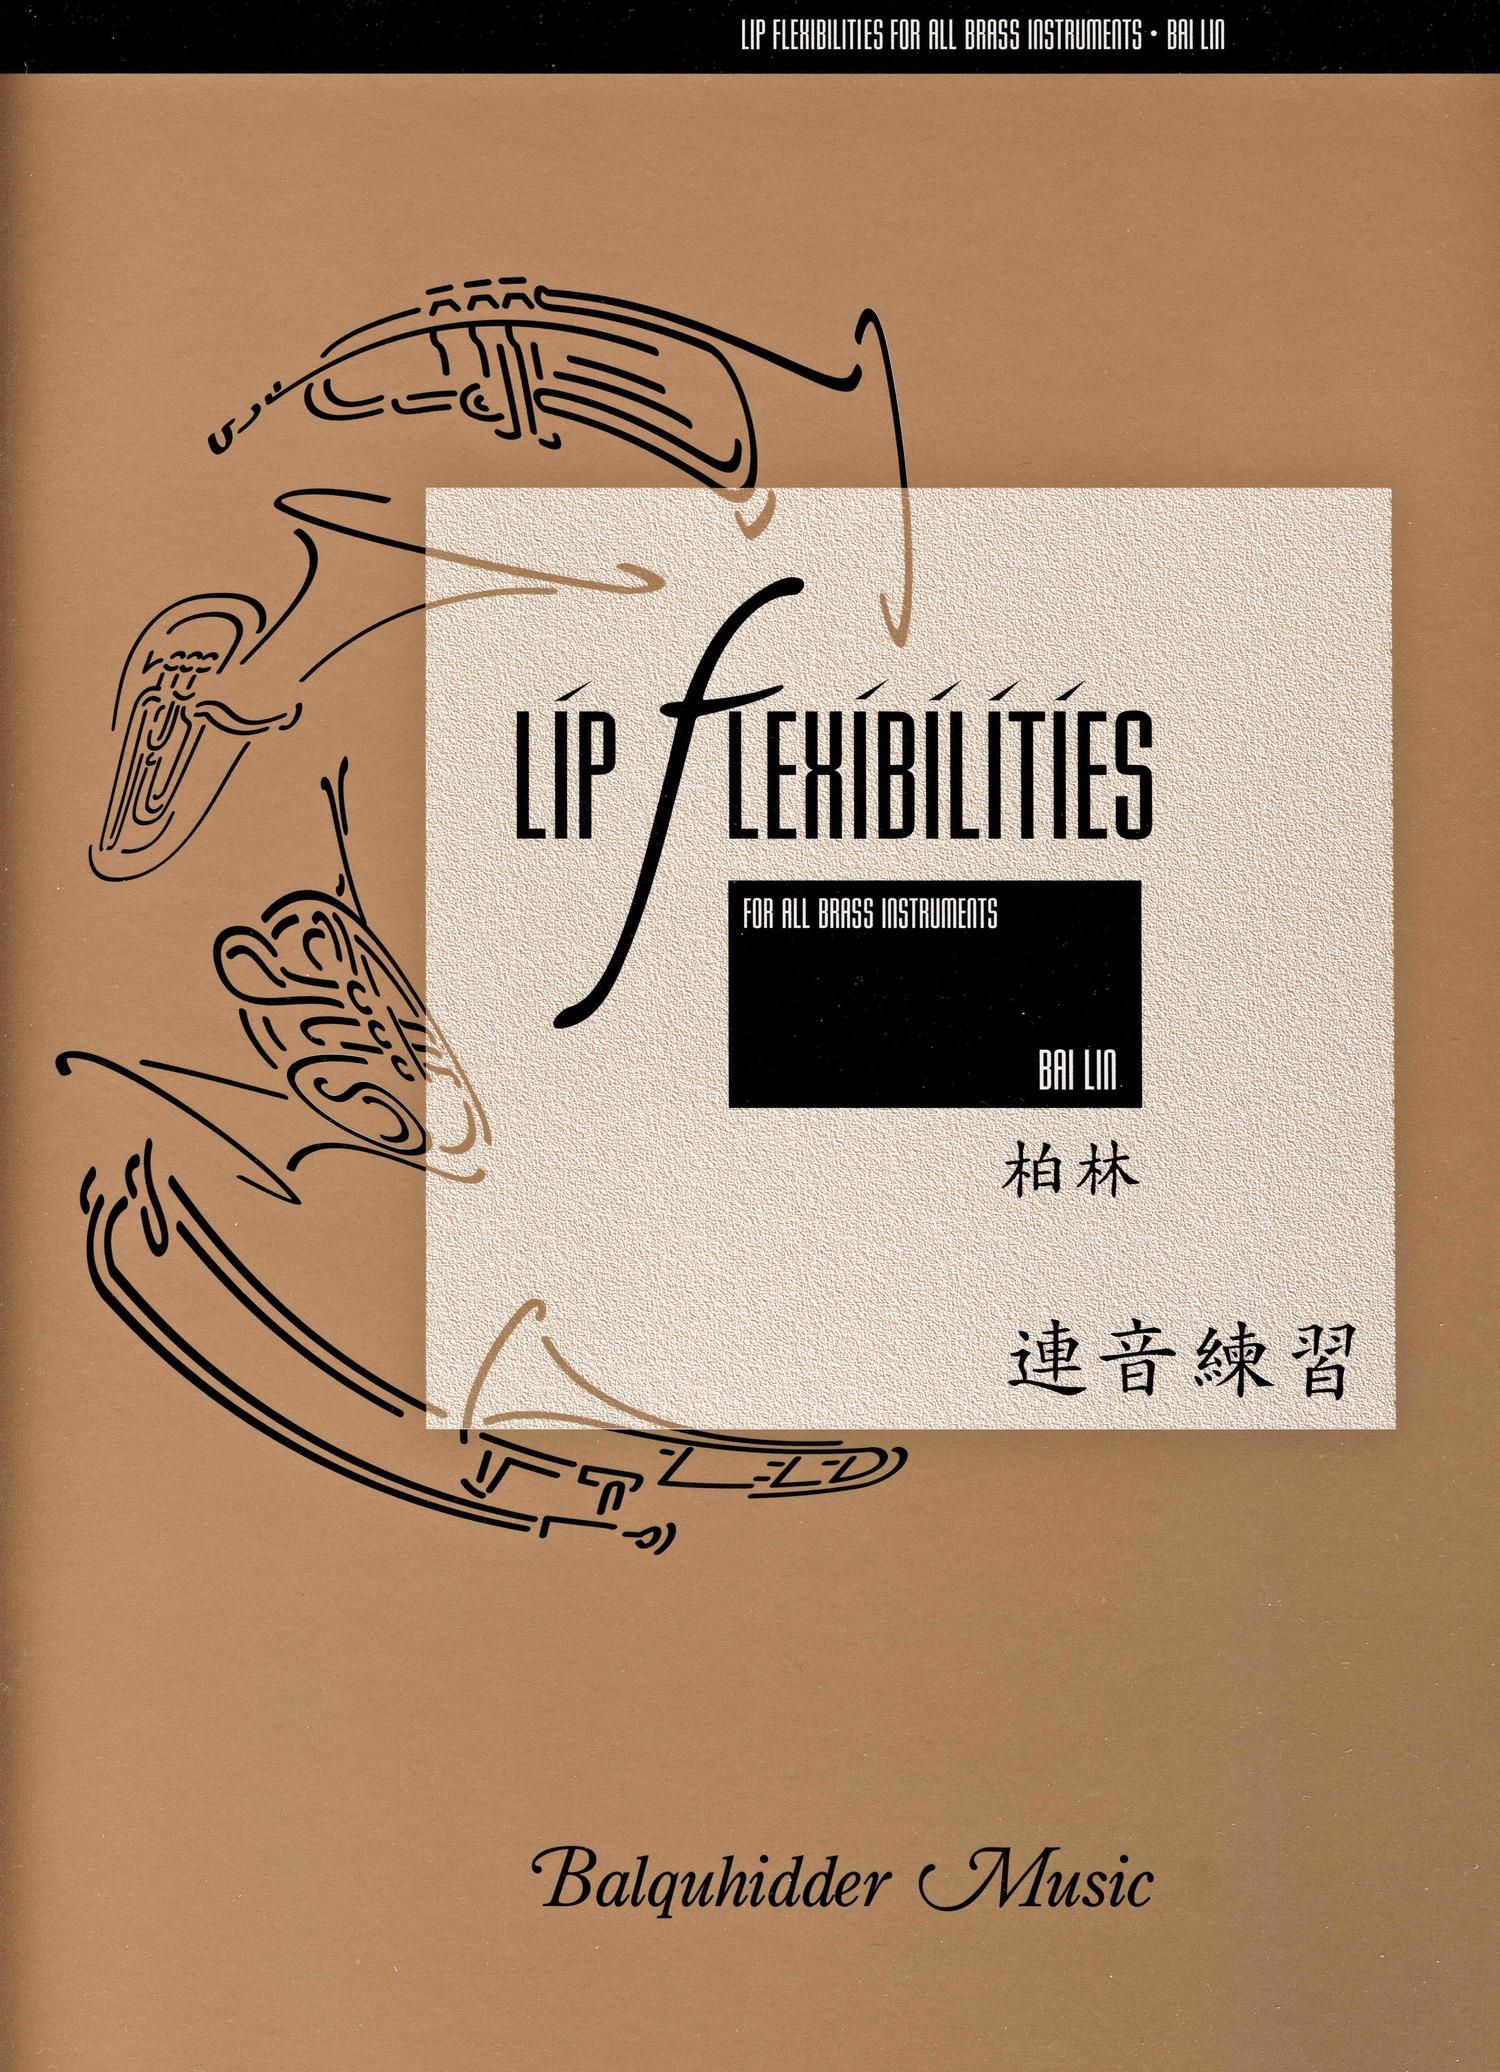 Lip Flexibilities (Bai Lin) — Balquhidder Music